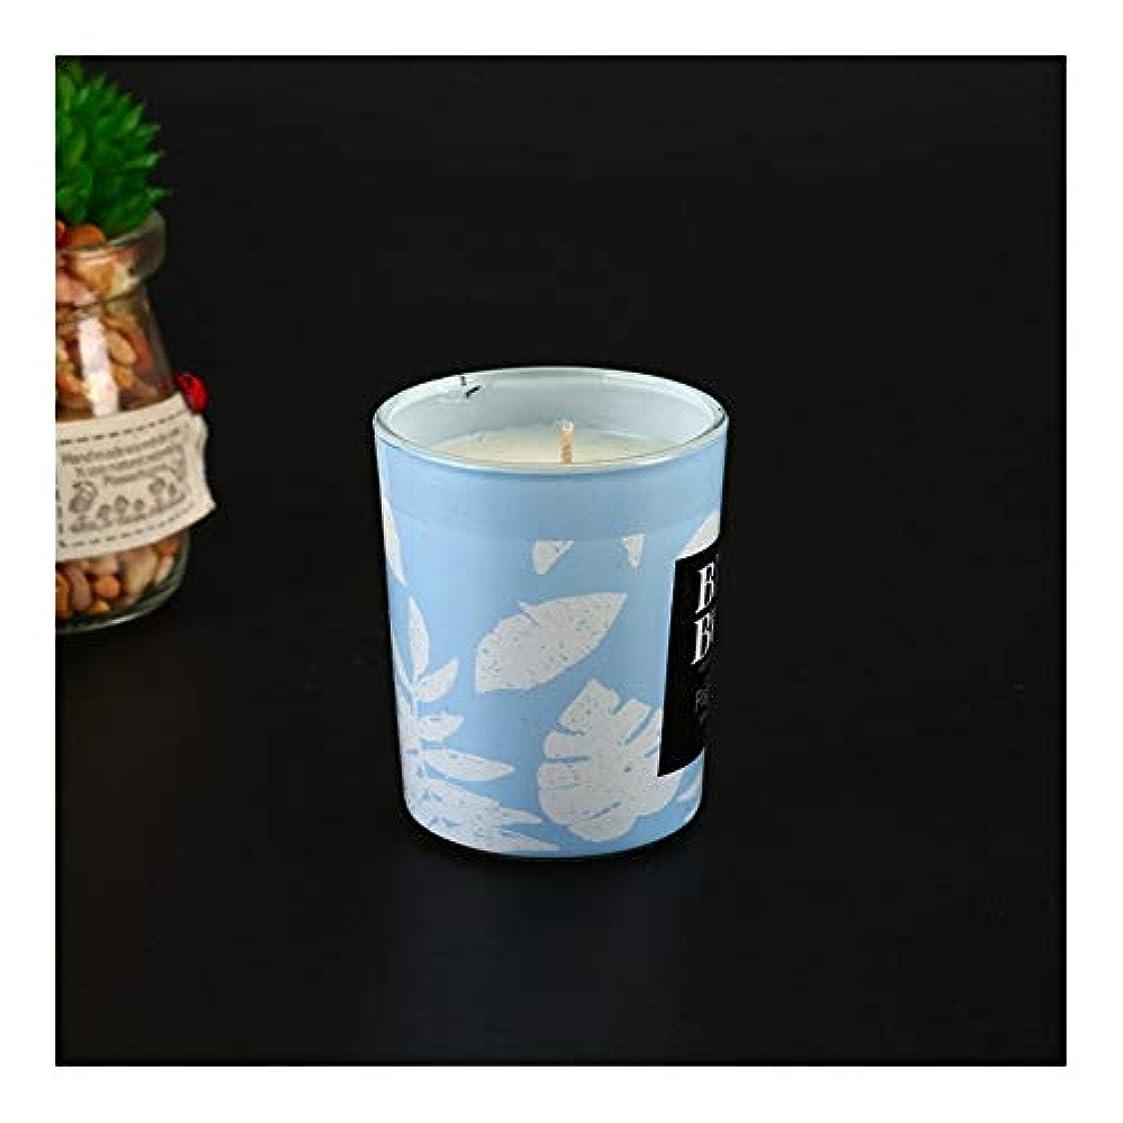 一目勤勉ところでZtian アロマセラピーキャンドルカップ告白アーティファクトキャンドル手で環境に優しい無煙大豆ワックス (色 : Blue wind chime)